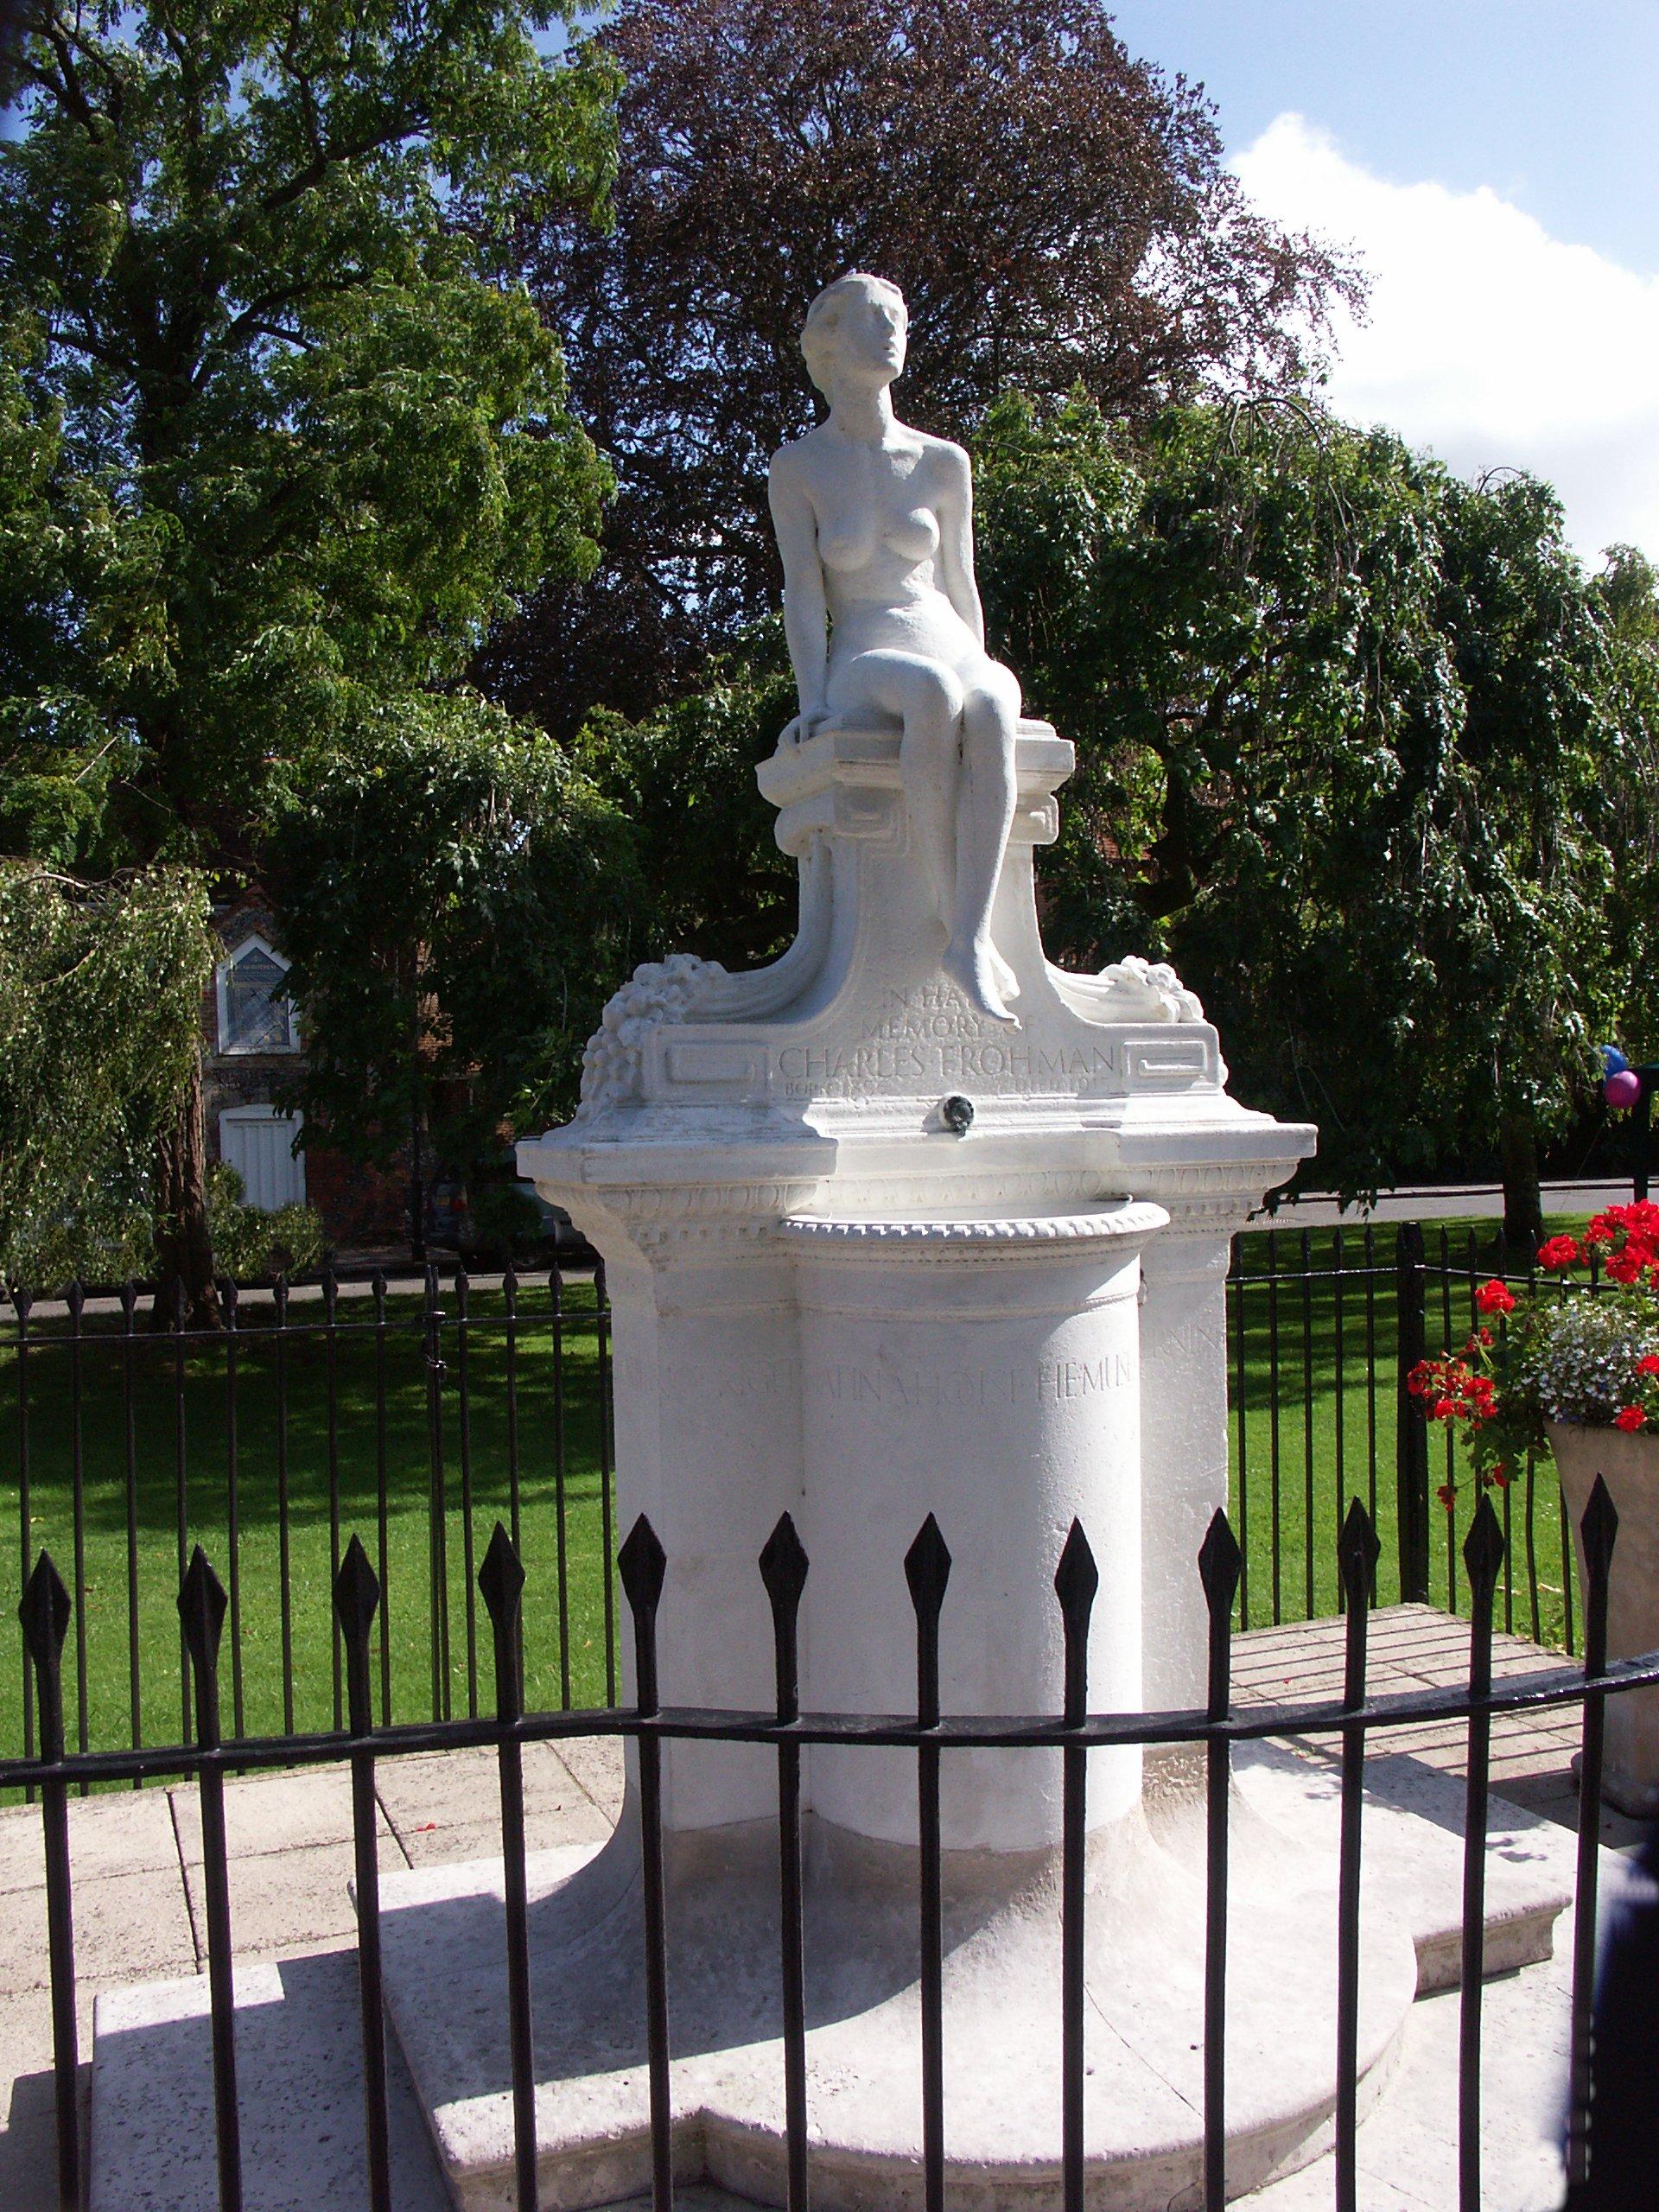 CF's Memorial - Marlow